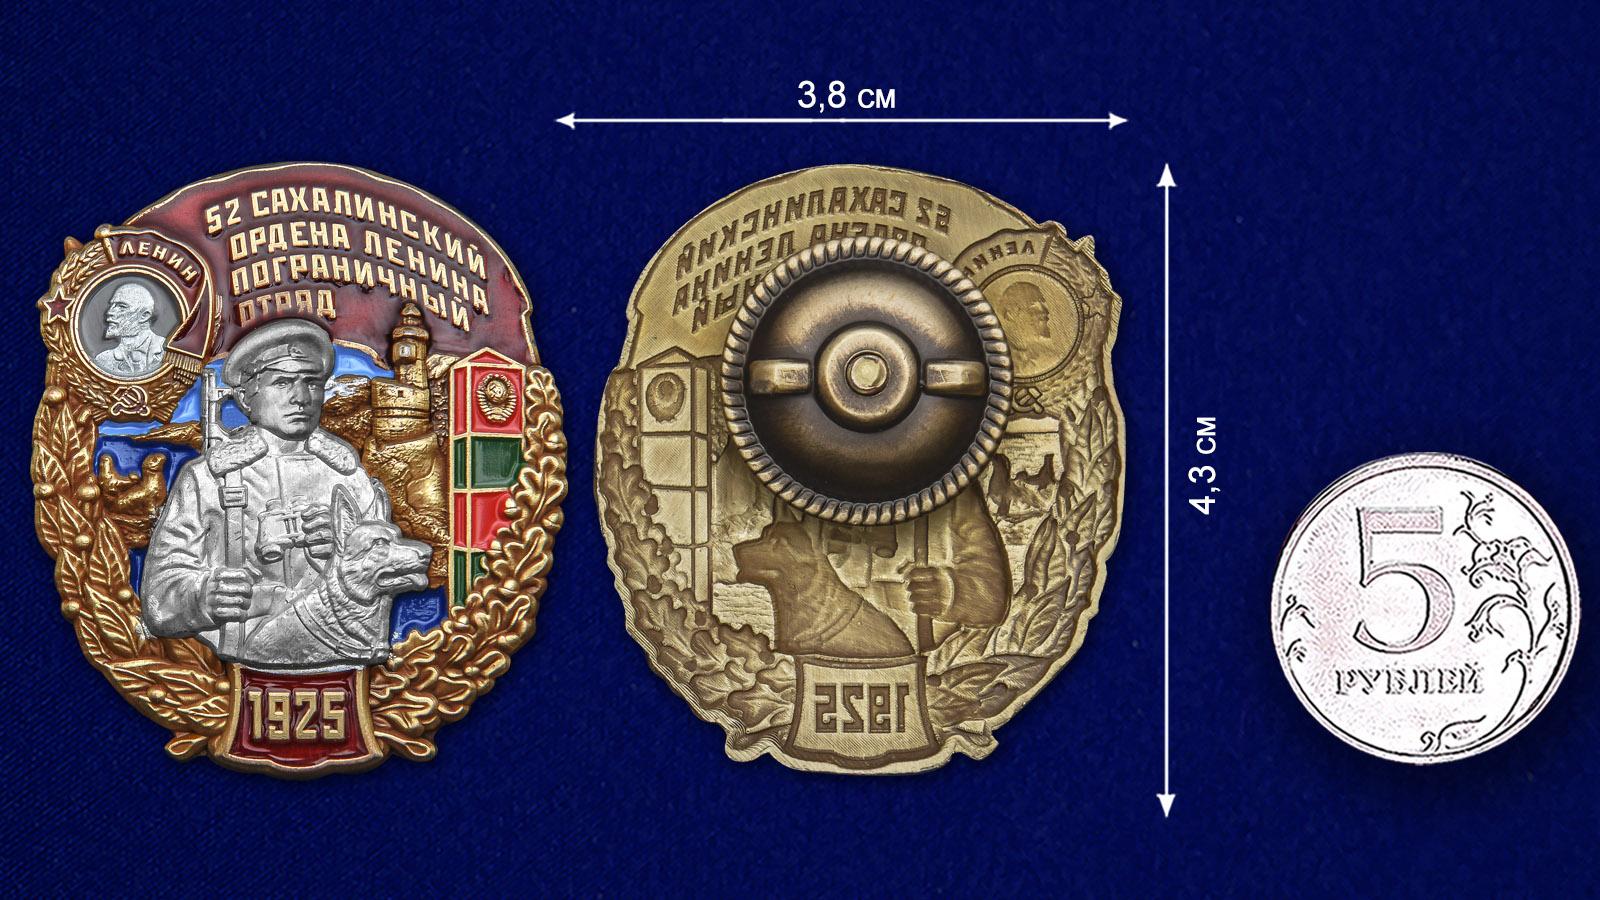 Знак 52 Сахалинский ордена Ленина Пограничный отряд - размер